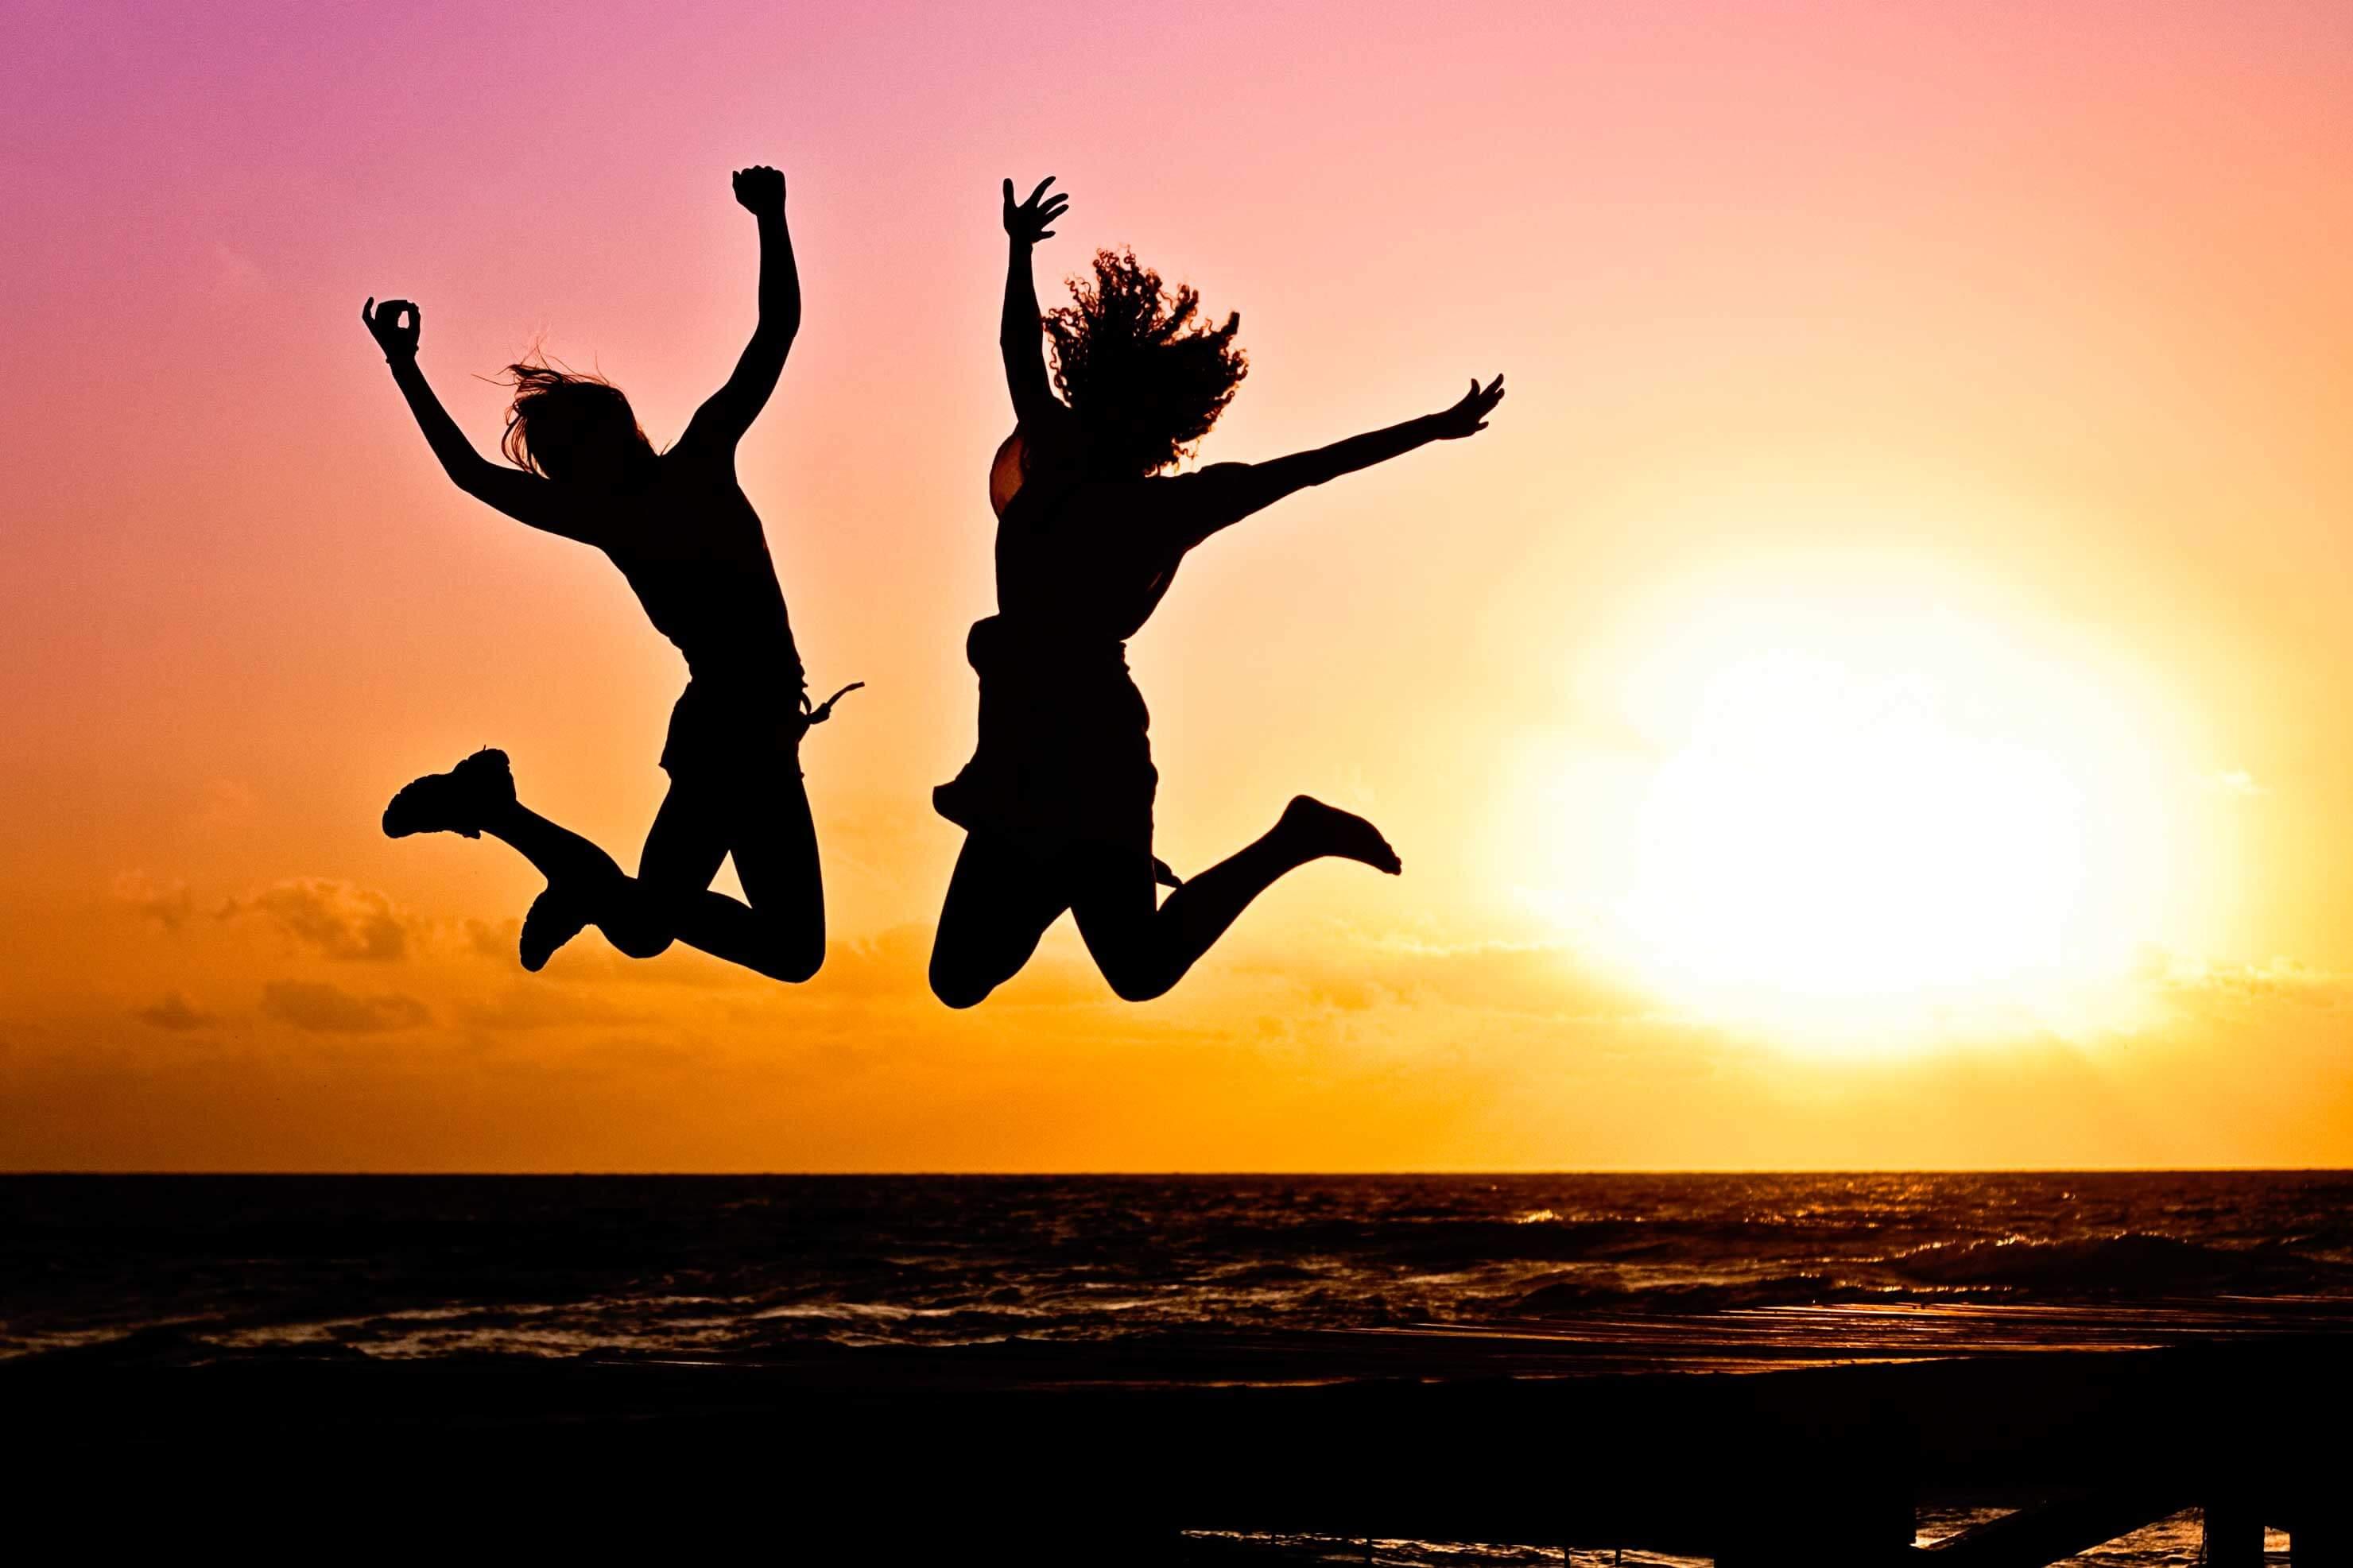 Alegría Vivir En Armonía Cuáles Son Sus Efectos Iñigo Cansado